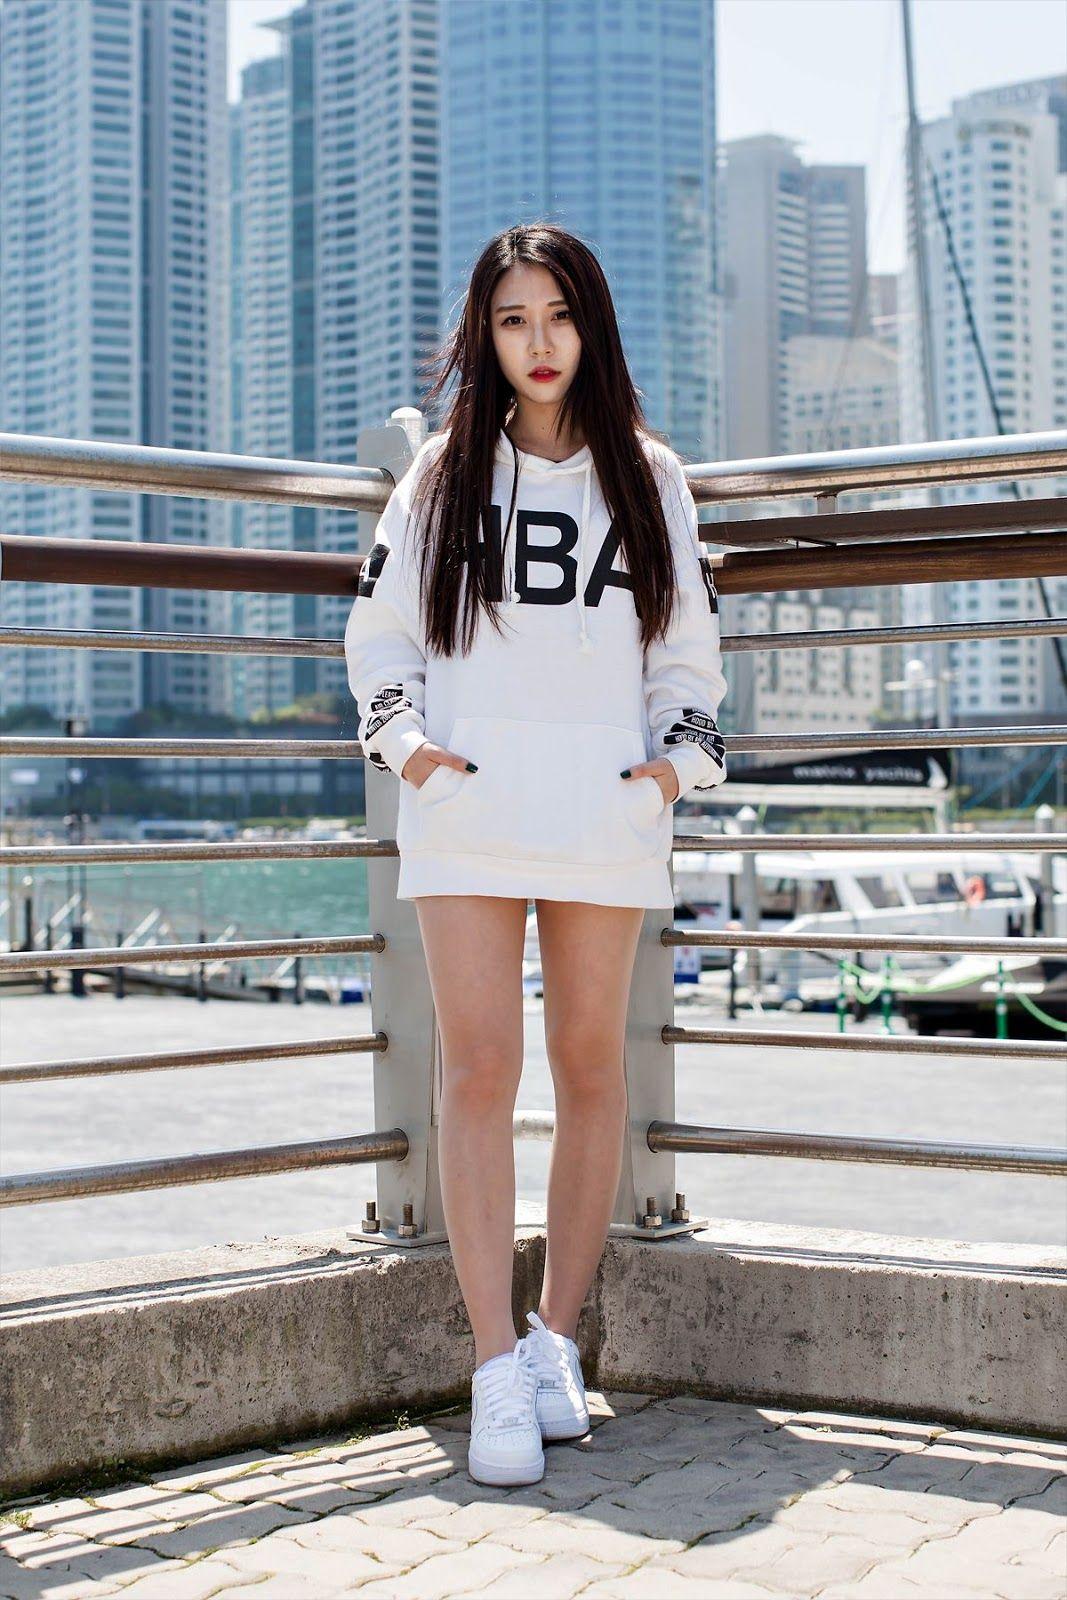 bb4ef828663ff стиль хип-хоп в одежде для девушек: 23 тыс изображений найдено в  Яндекс.Картинках